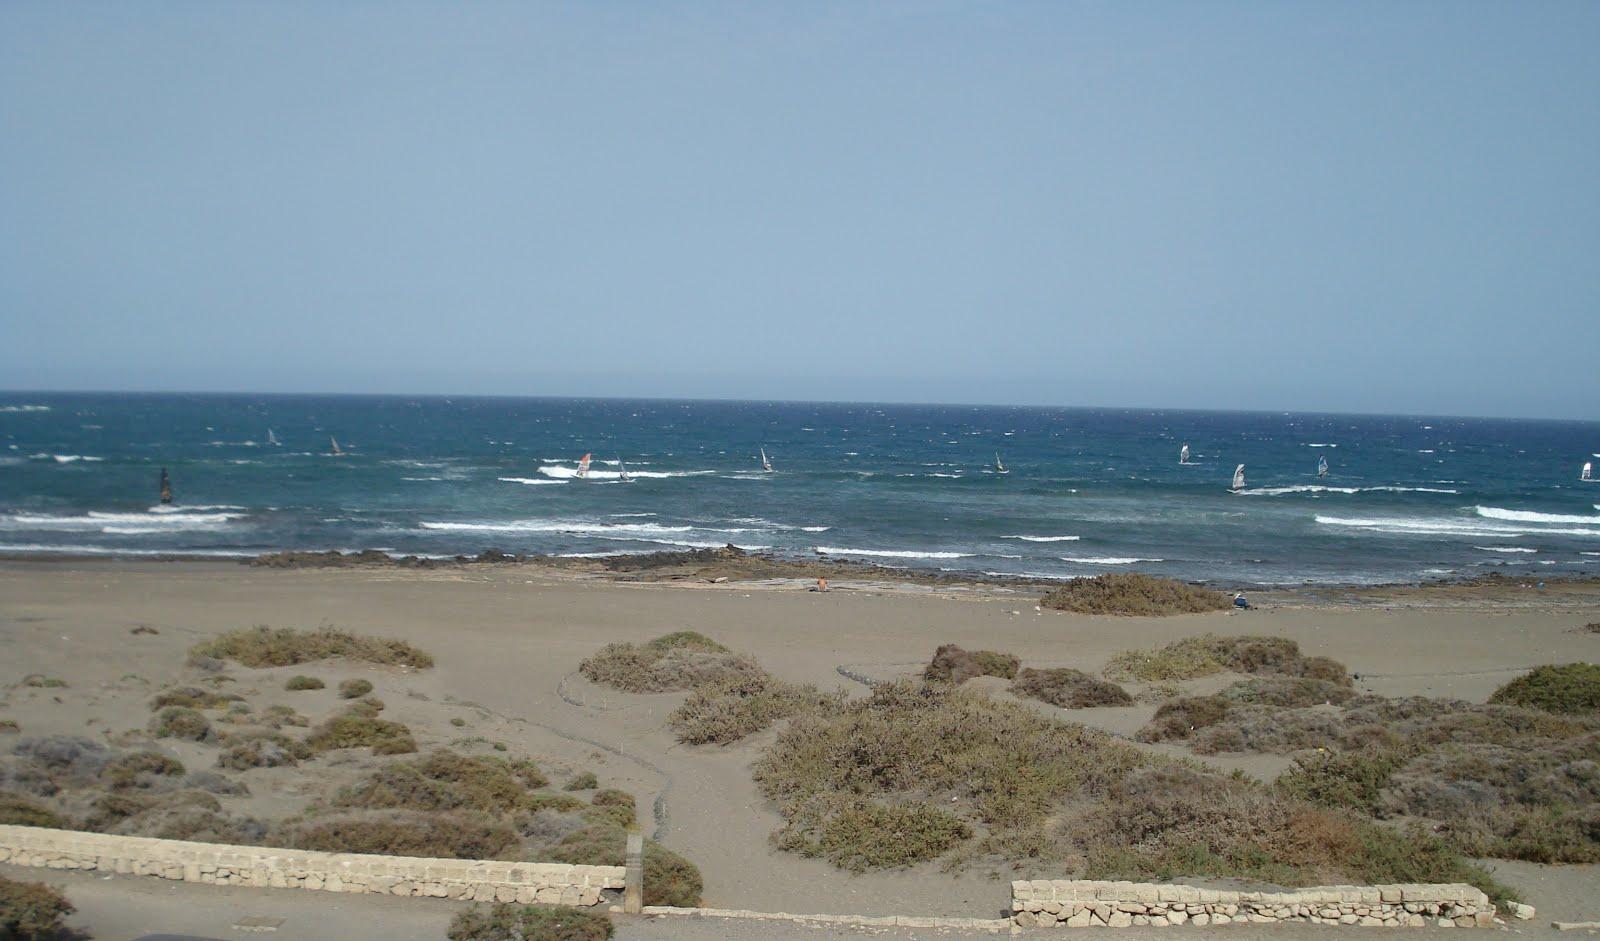 Apartamento vacaciones medano playa - Apartamentos baratos vacaciones playa ...